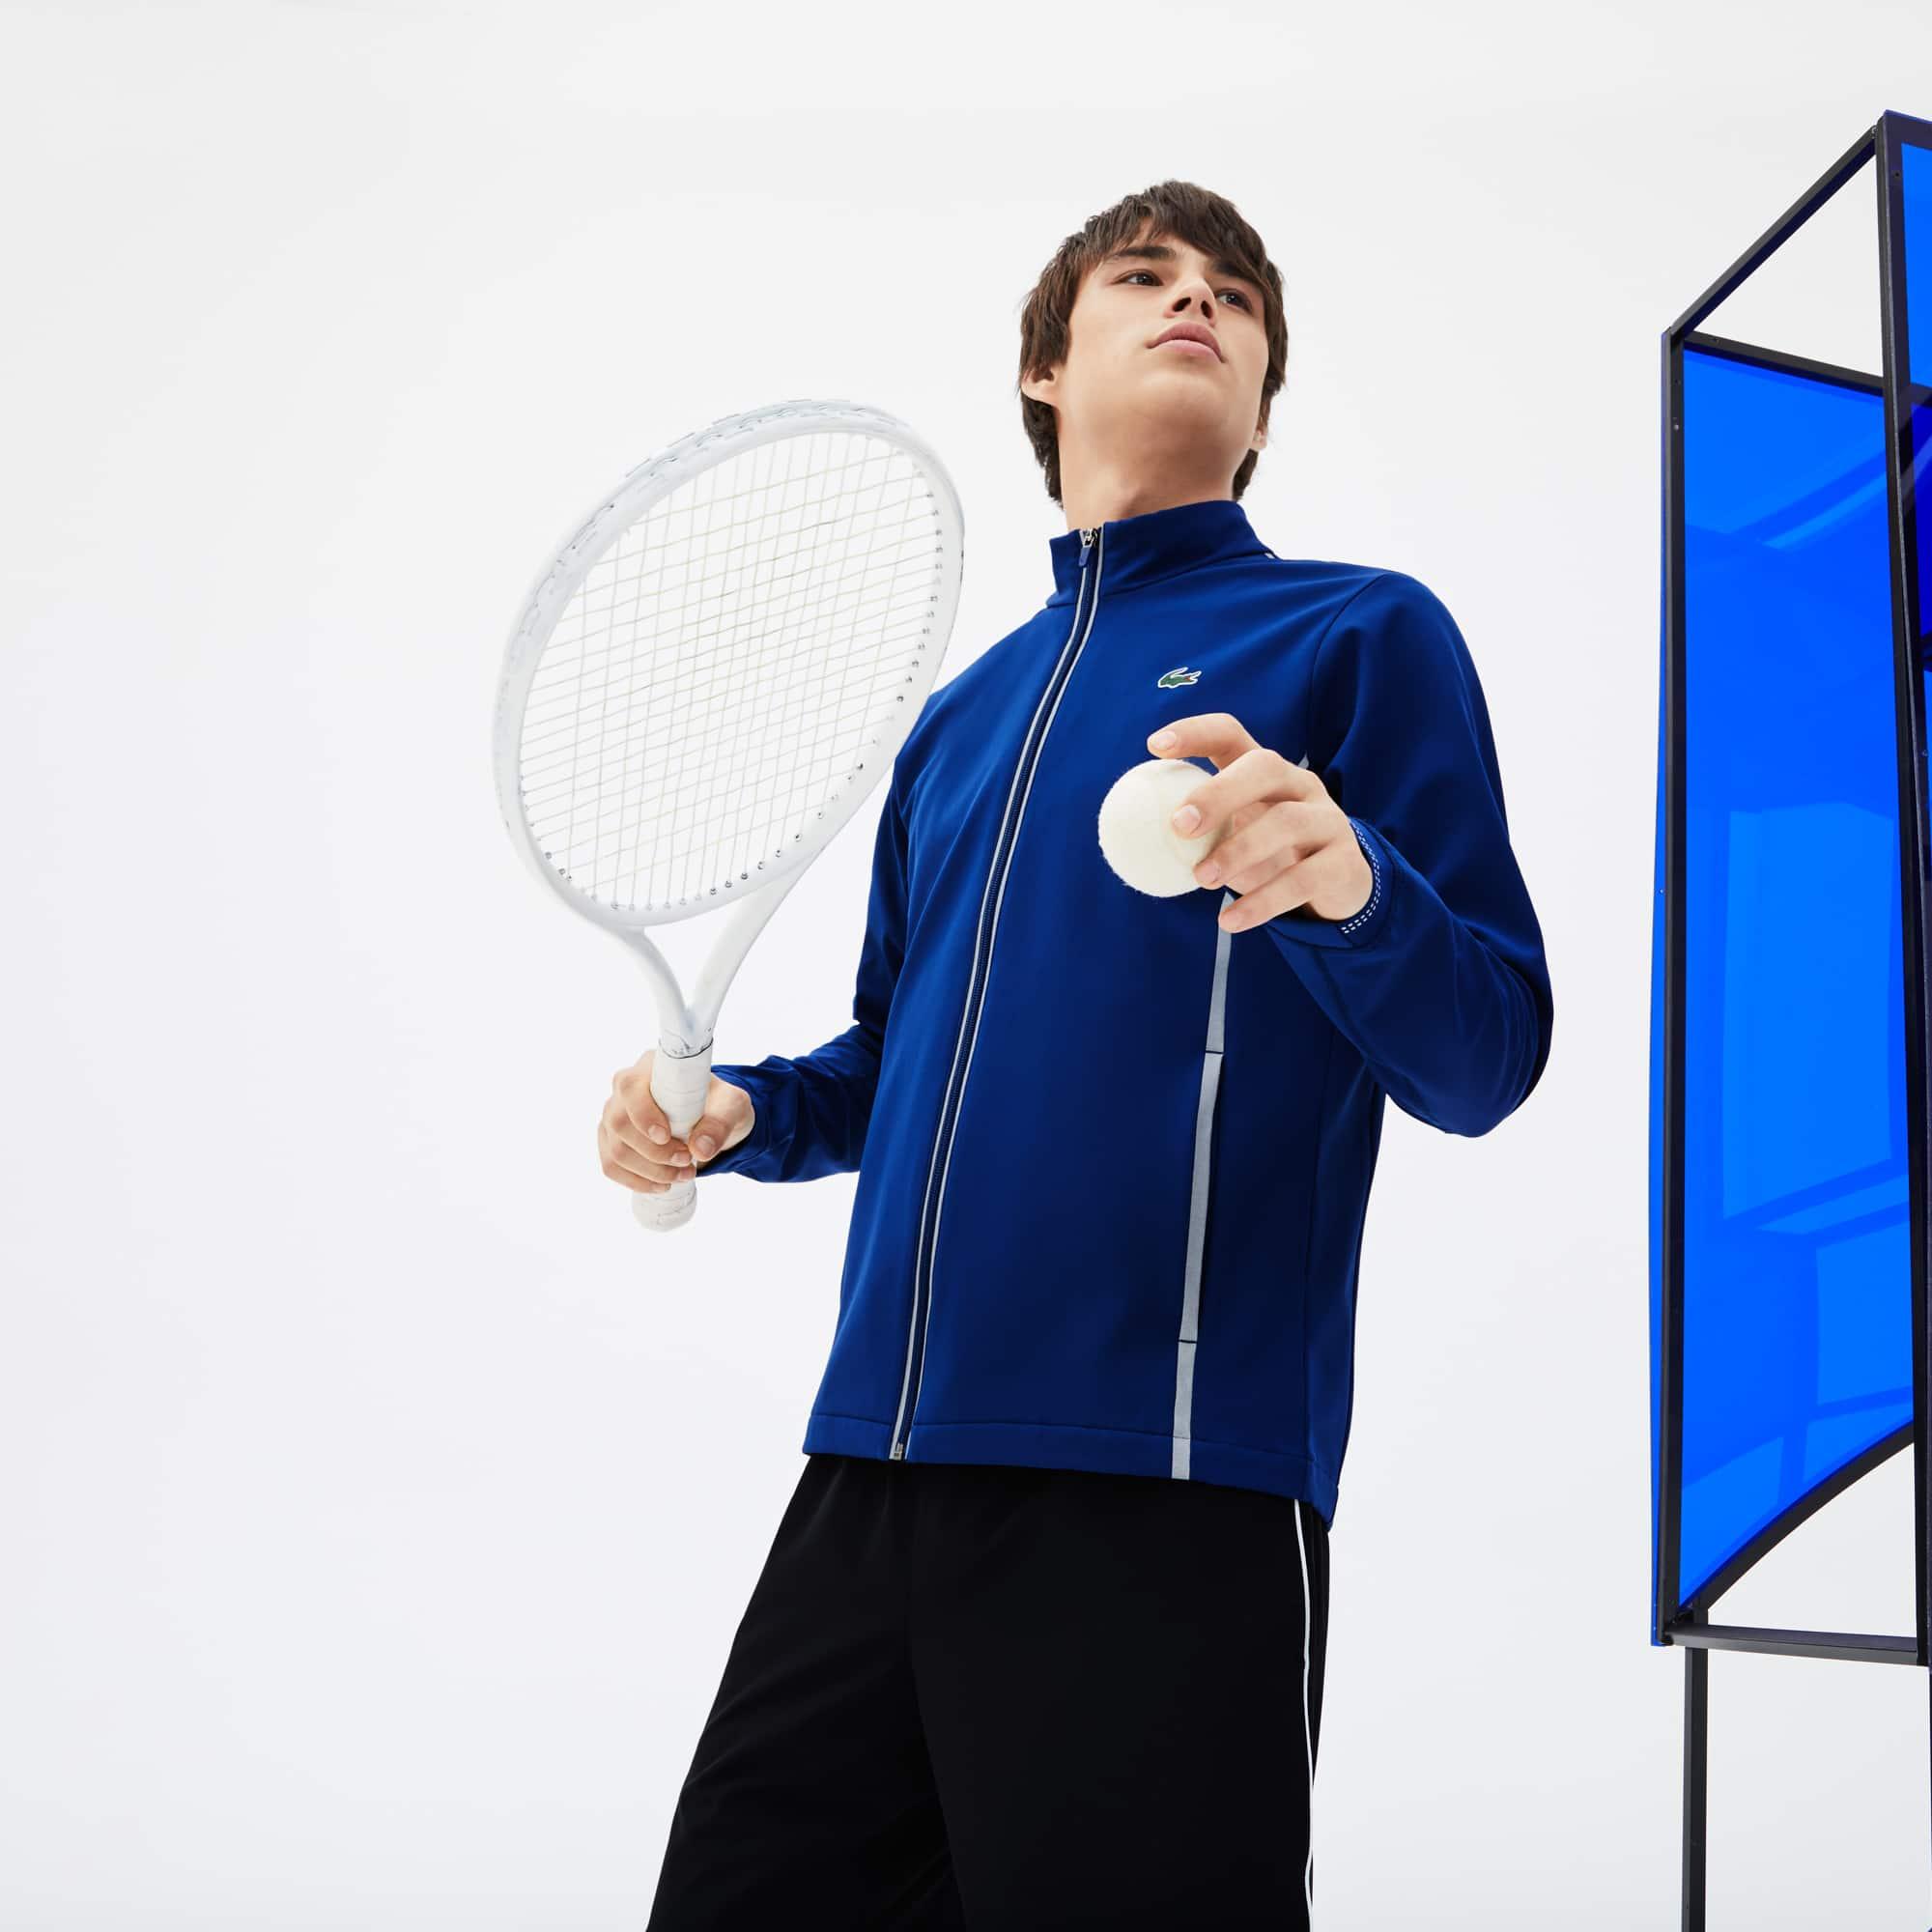 Men's SPORT Technical Midlayer Zip Sweatshirt - Novak Djokovic Supporter Collection